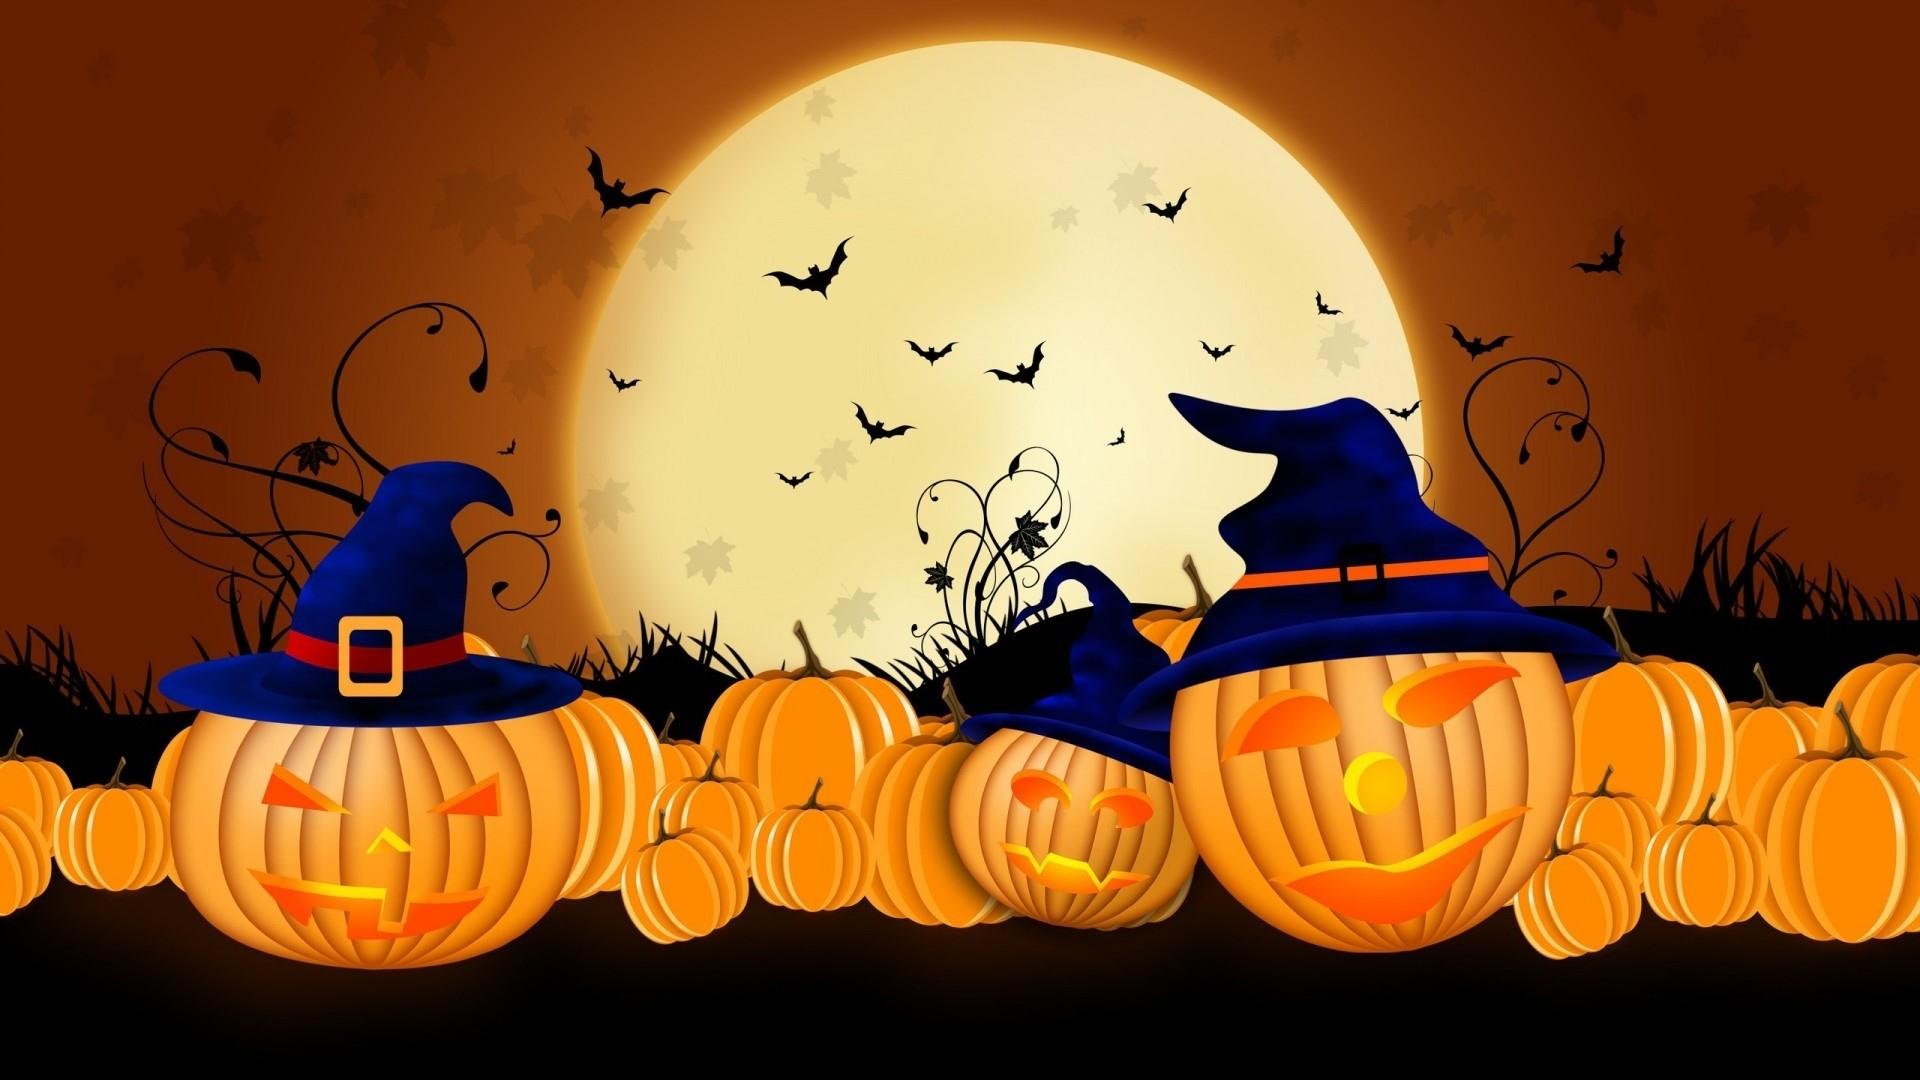 Preview wallpaper halloween, 2015, pumpkins, autumn 1920×1080